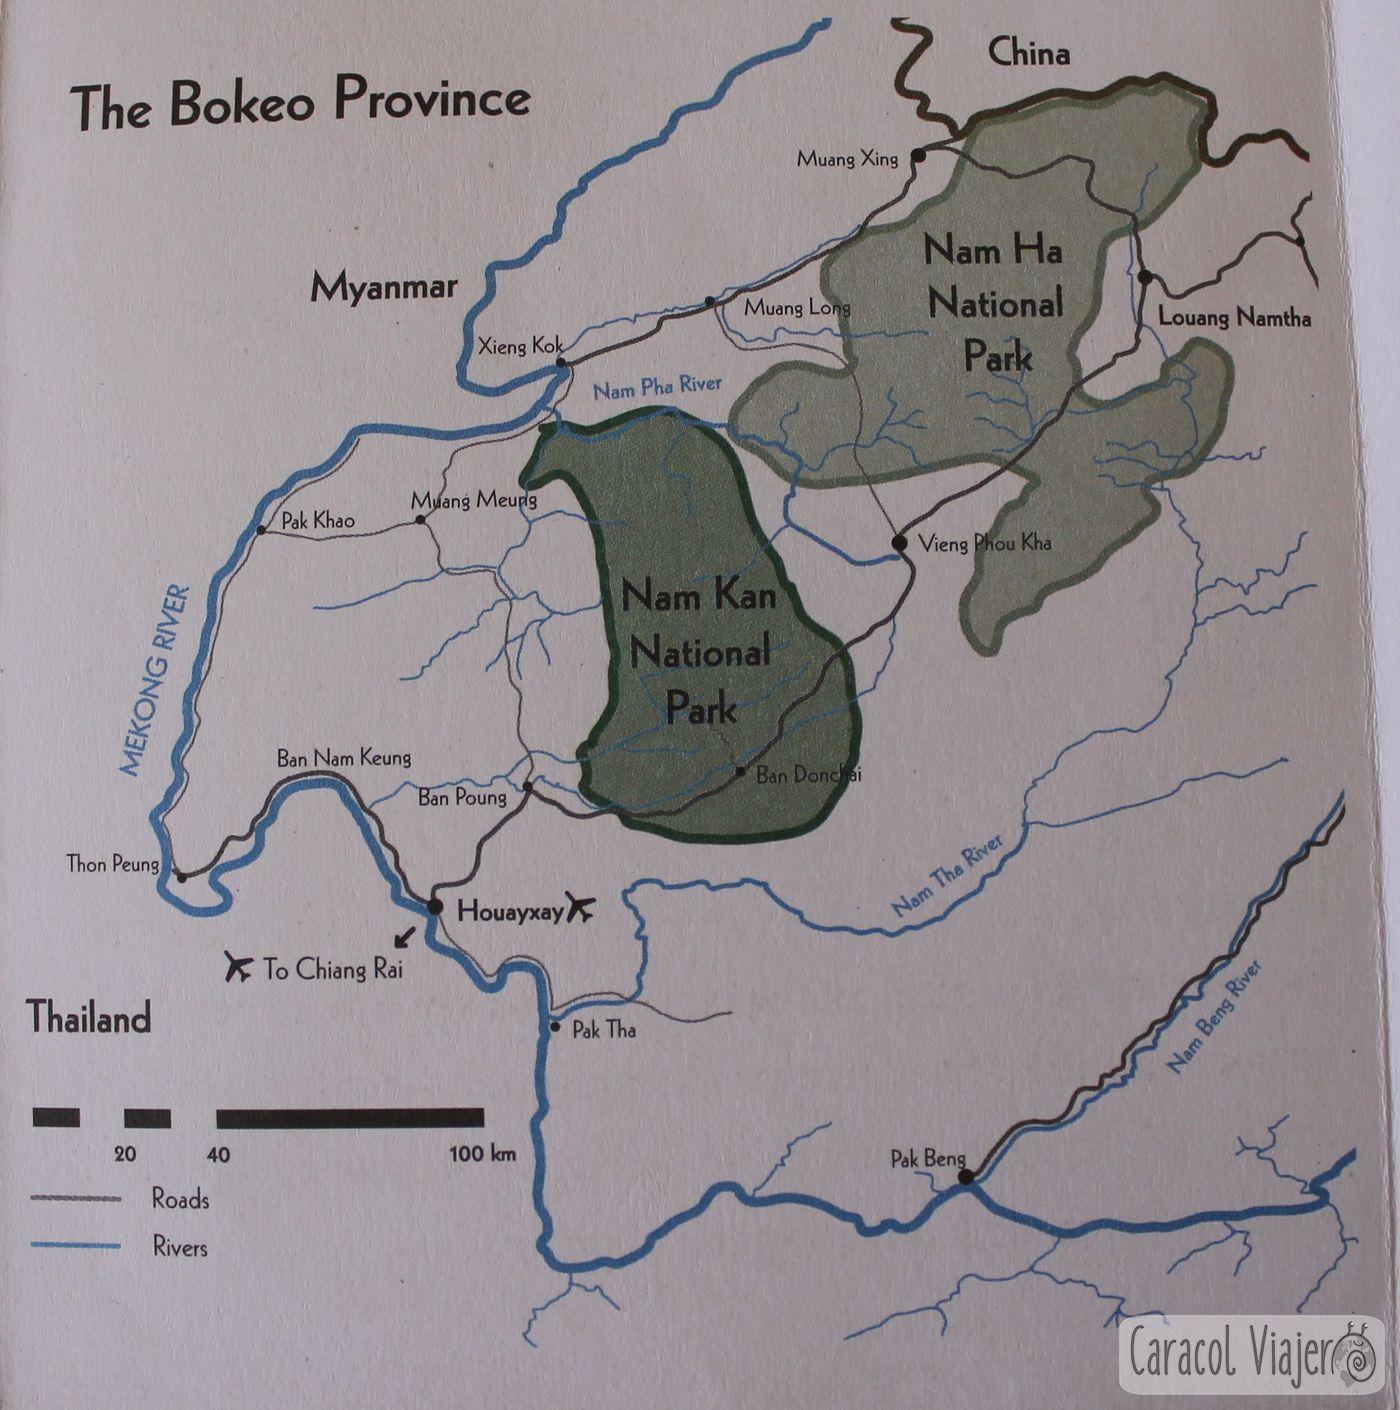 mapa de provincia de Bokeo